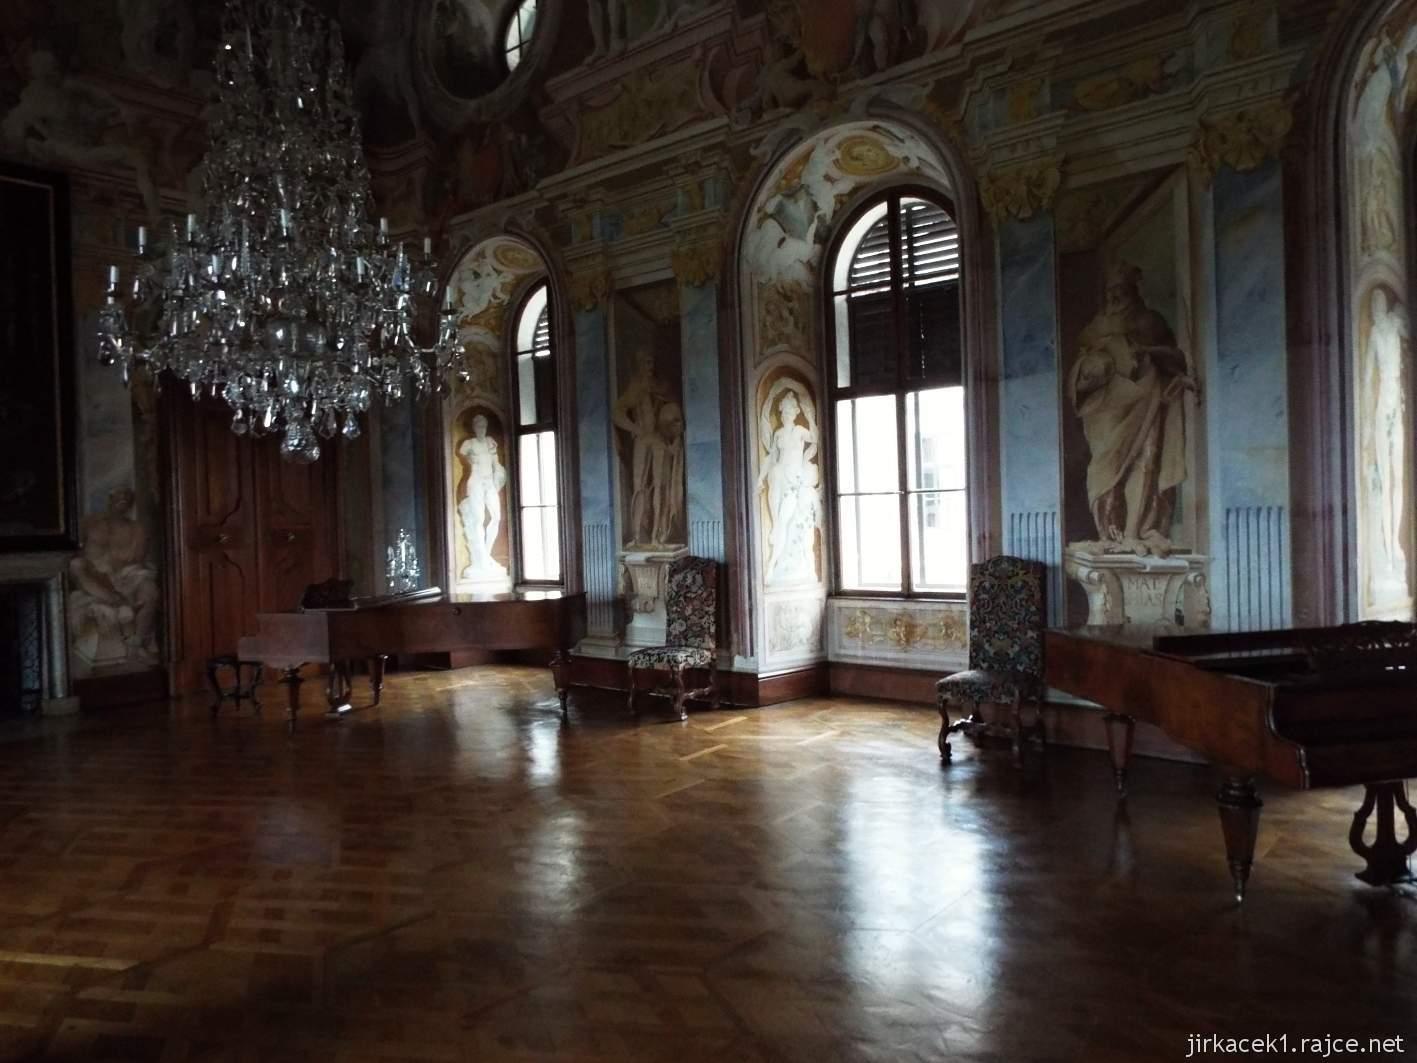 zámek Milotice 41 - interiéry - hlavní sál předků - klavír